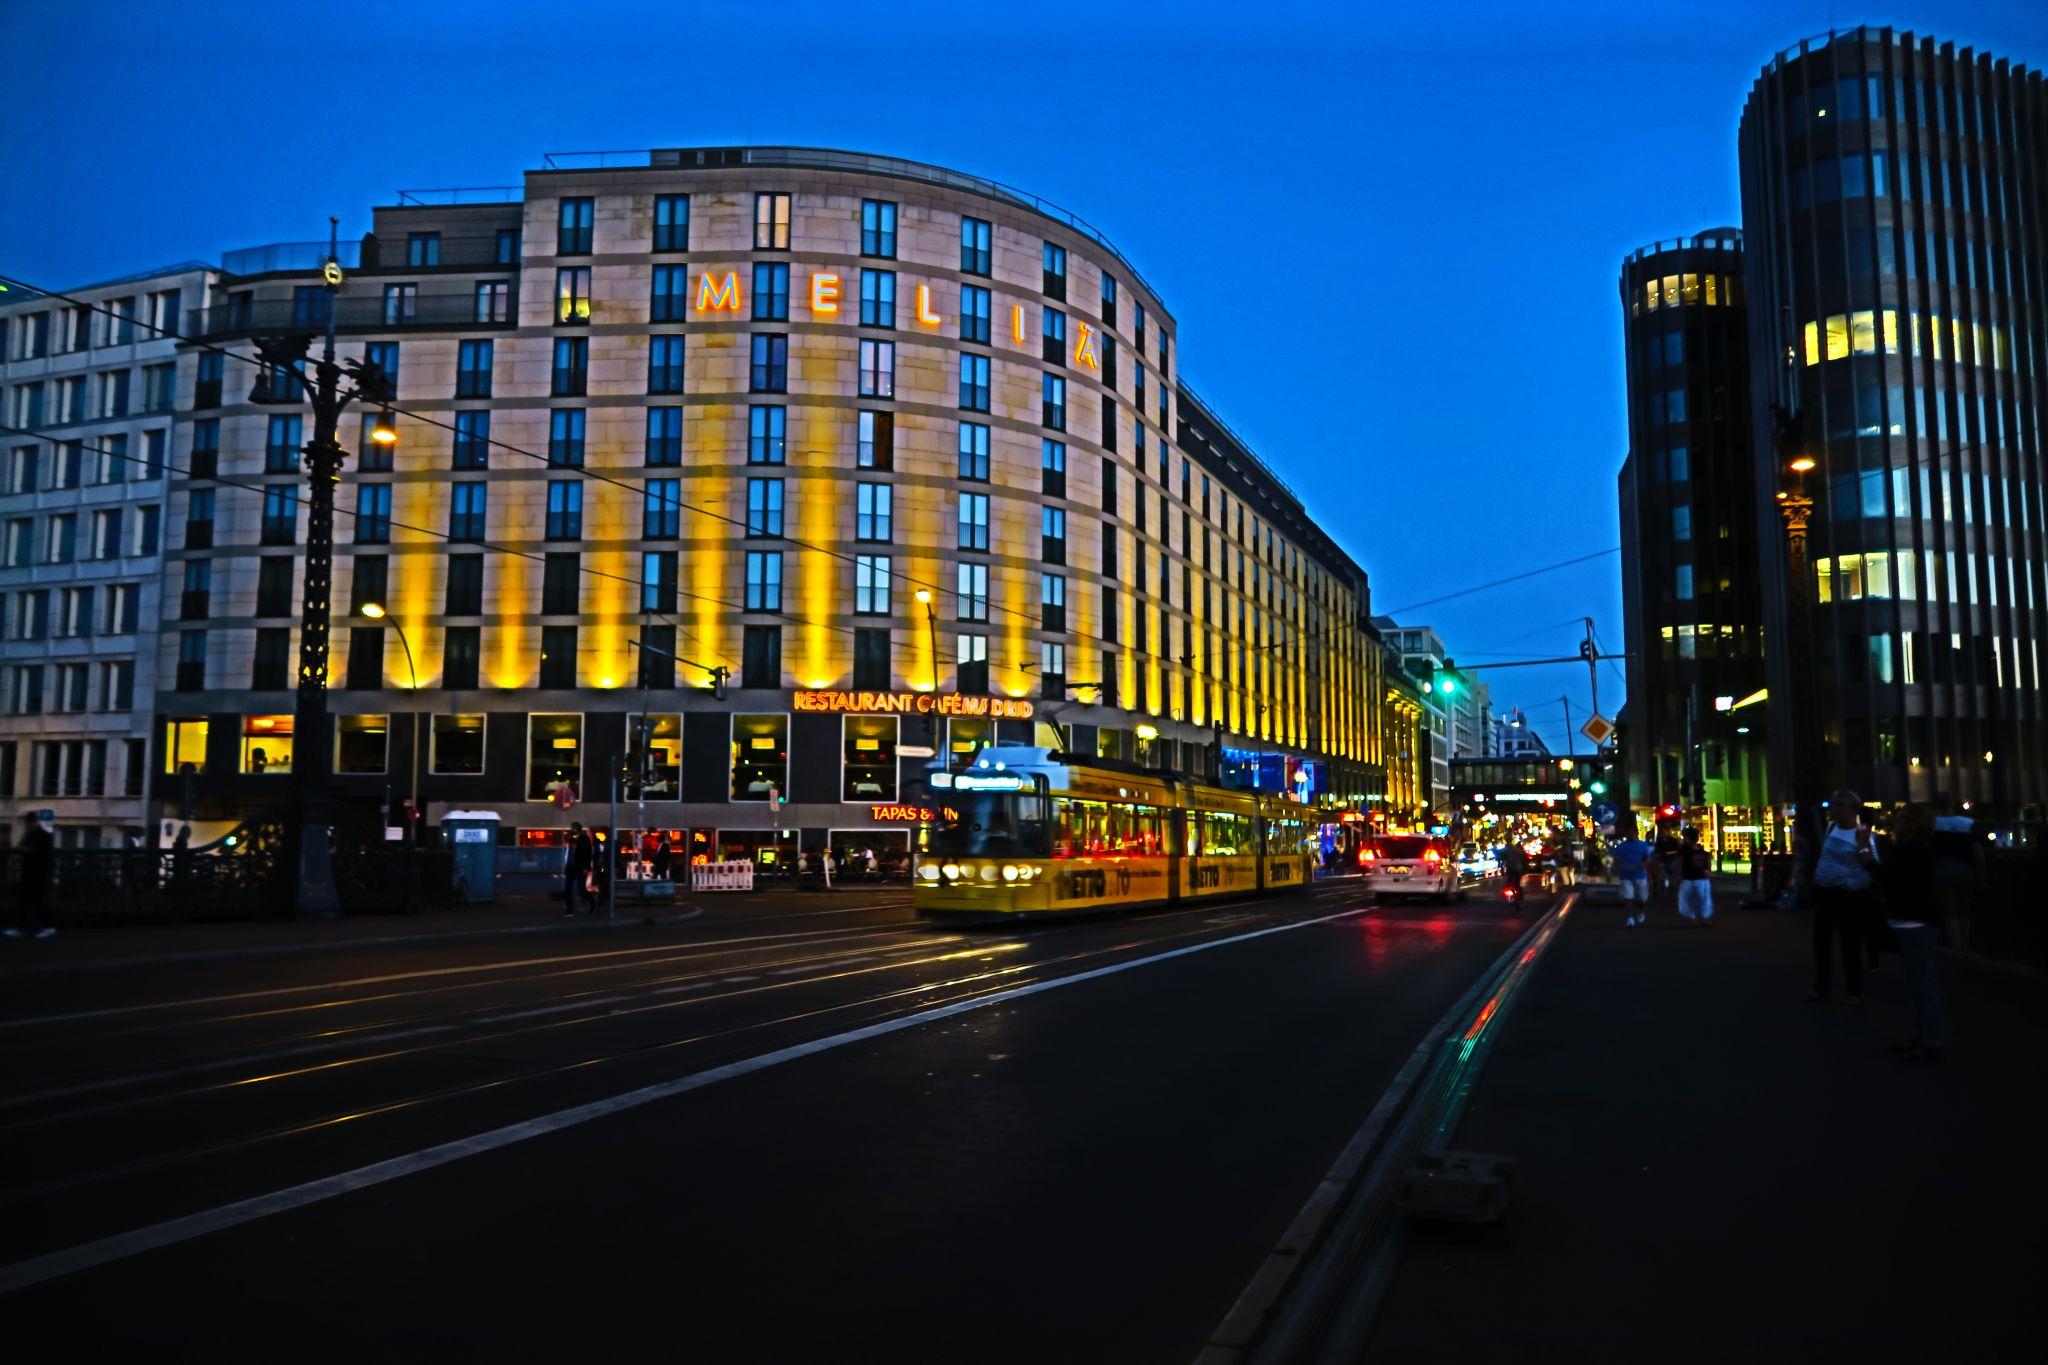 Friedrichstrasse Bahnhof, Germany